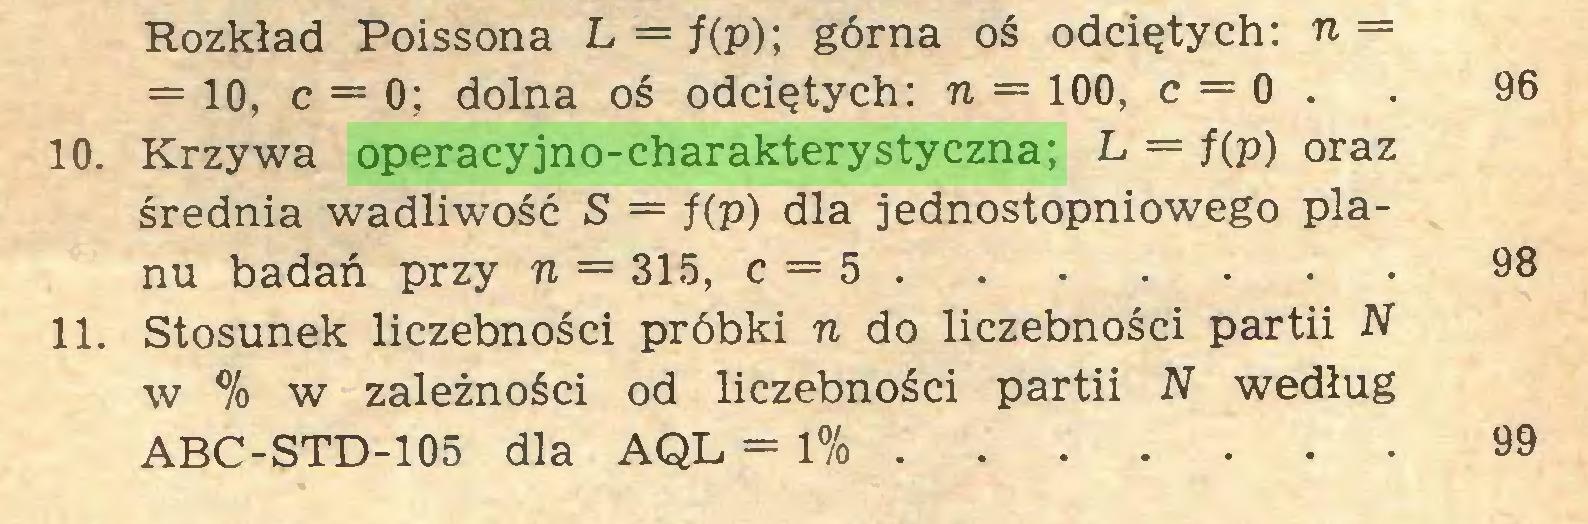 (...) Rozkład Poissona L — f(p); górna oś odciętych: n = ==10, c = 0; dolna oś odciętych: n = 100, c = 0 . . 96 10. Krzywa operacyjno-charakterystyczna; L = f(p) oraz średnia wadliwość S = f(p) dla jednostopniowego planu badań przy n = 315, c = 5 98 11. Stosunek liczebności próbki n do liczebności partii N w % w zależności od liczebności partii N według ABC-STD-105 dla AQL = 1% 99...